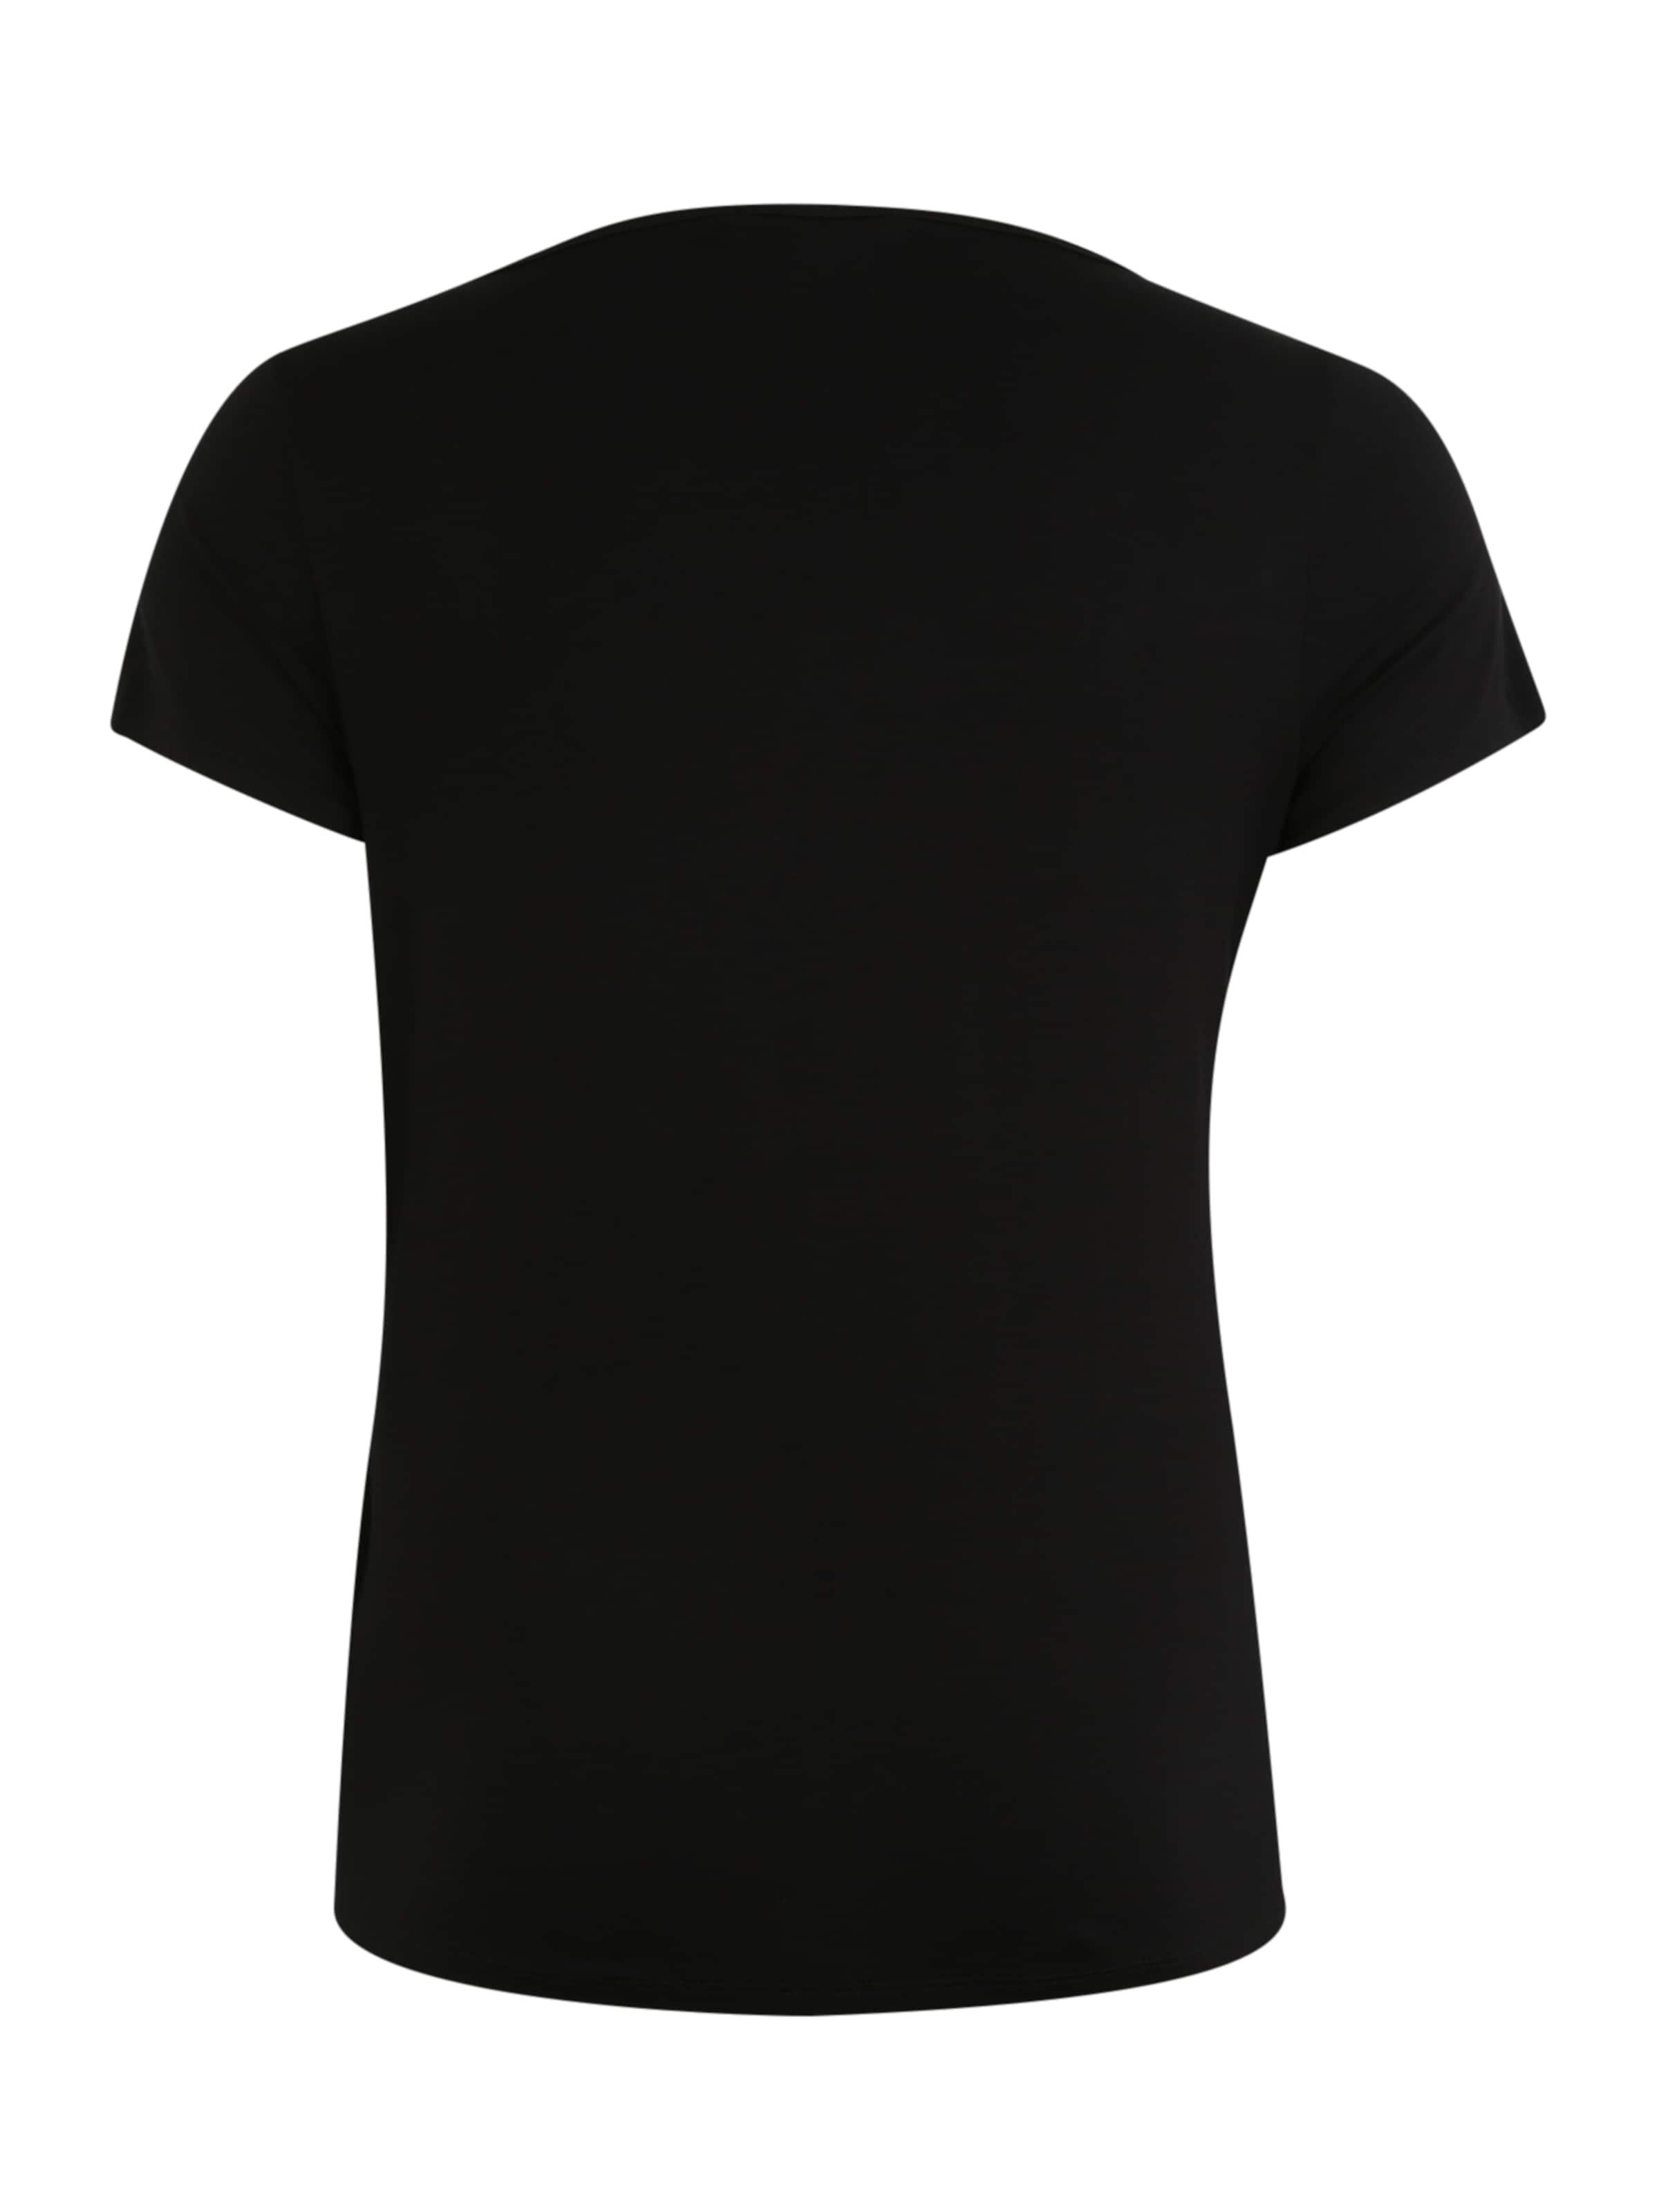 About T Curvy You 'levinia' Noir shirt En 80nOkwP